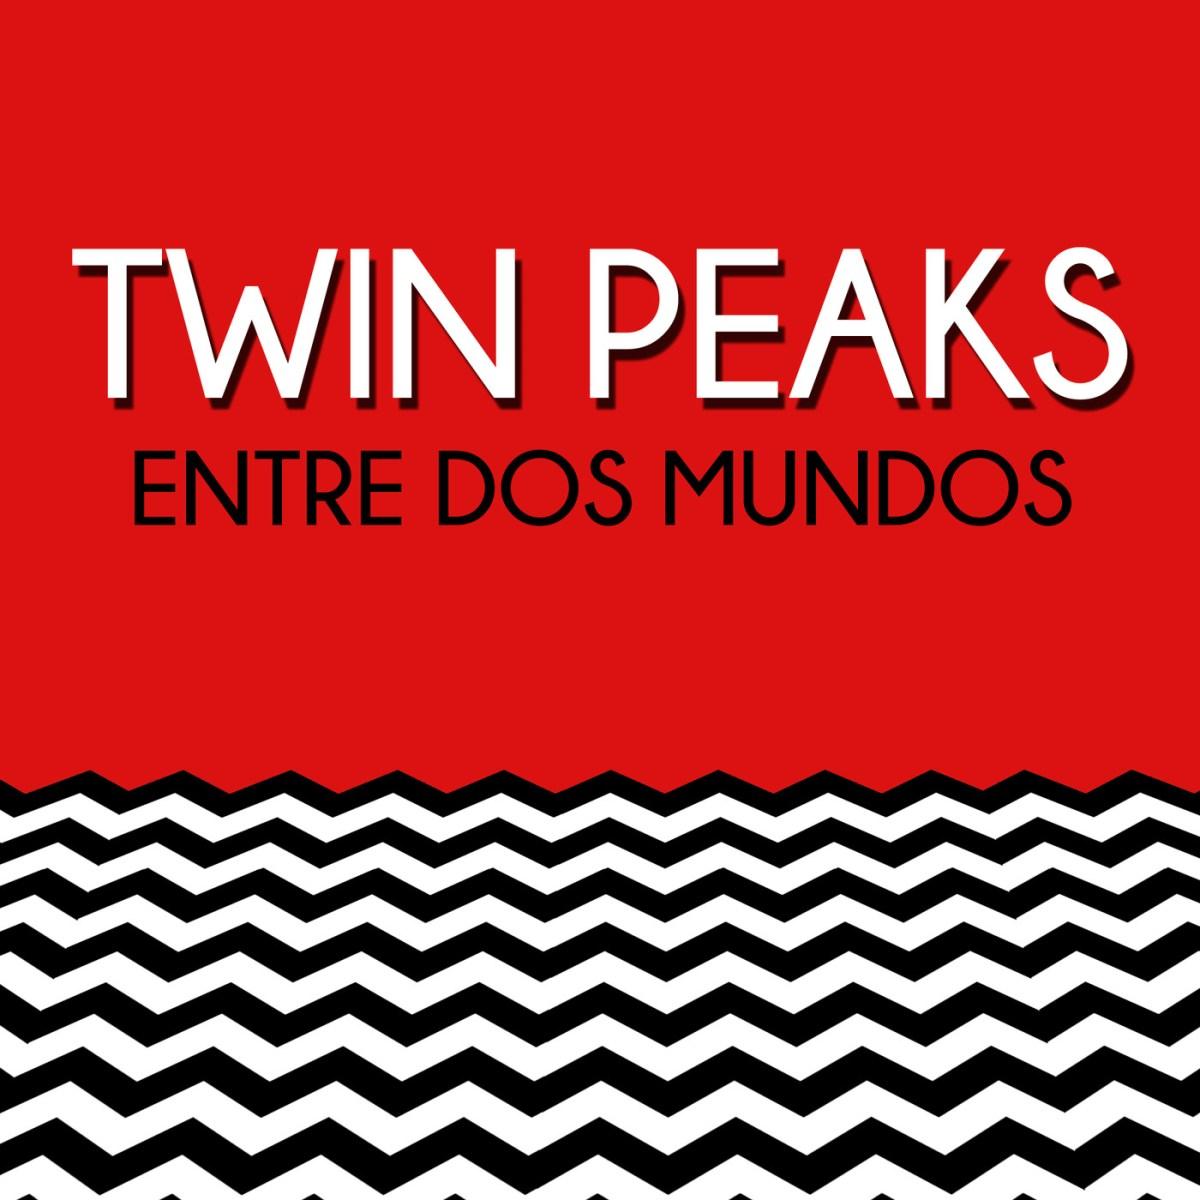 Twin Peaks: Entre Dos Mundos